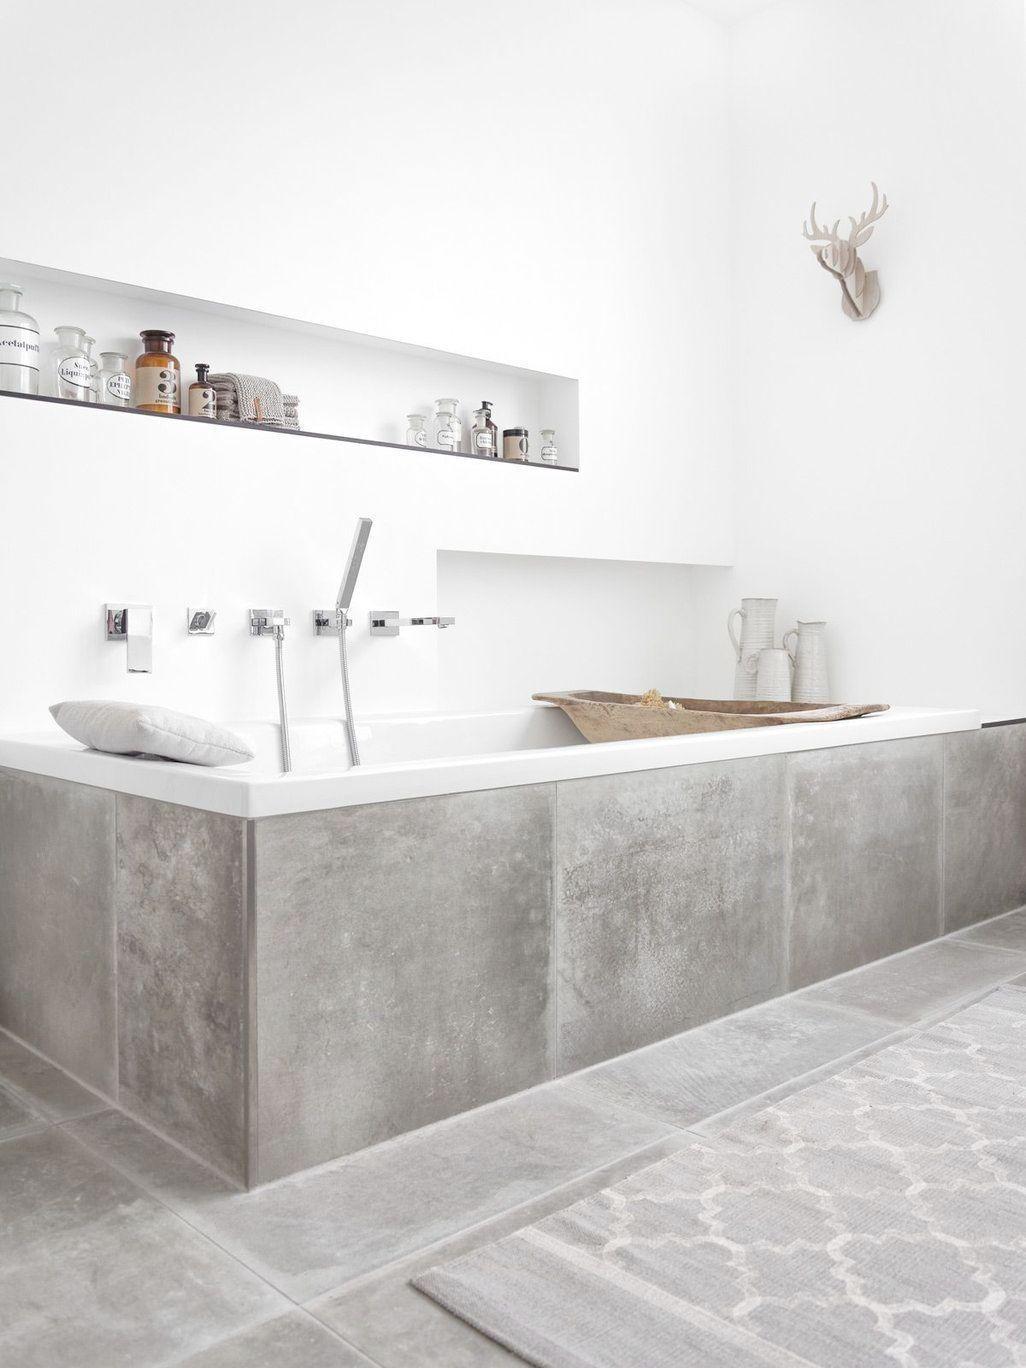 Luxury Bathrooms Berkshire Bathroom Escape Walkthrough Luxurybathroomescapewalkthrough Tidy Minimalist Design